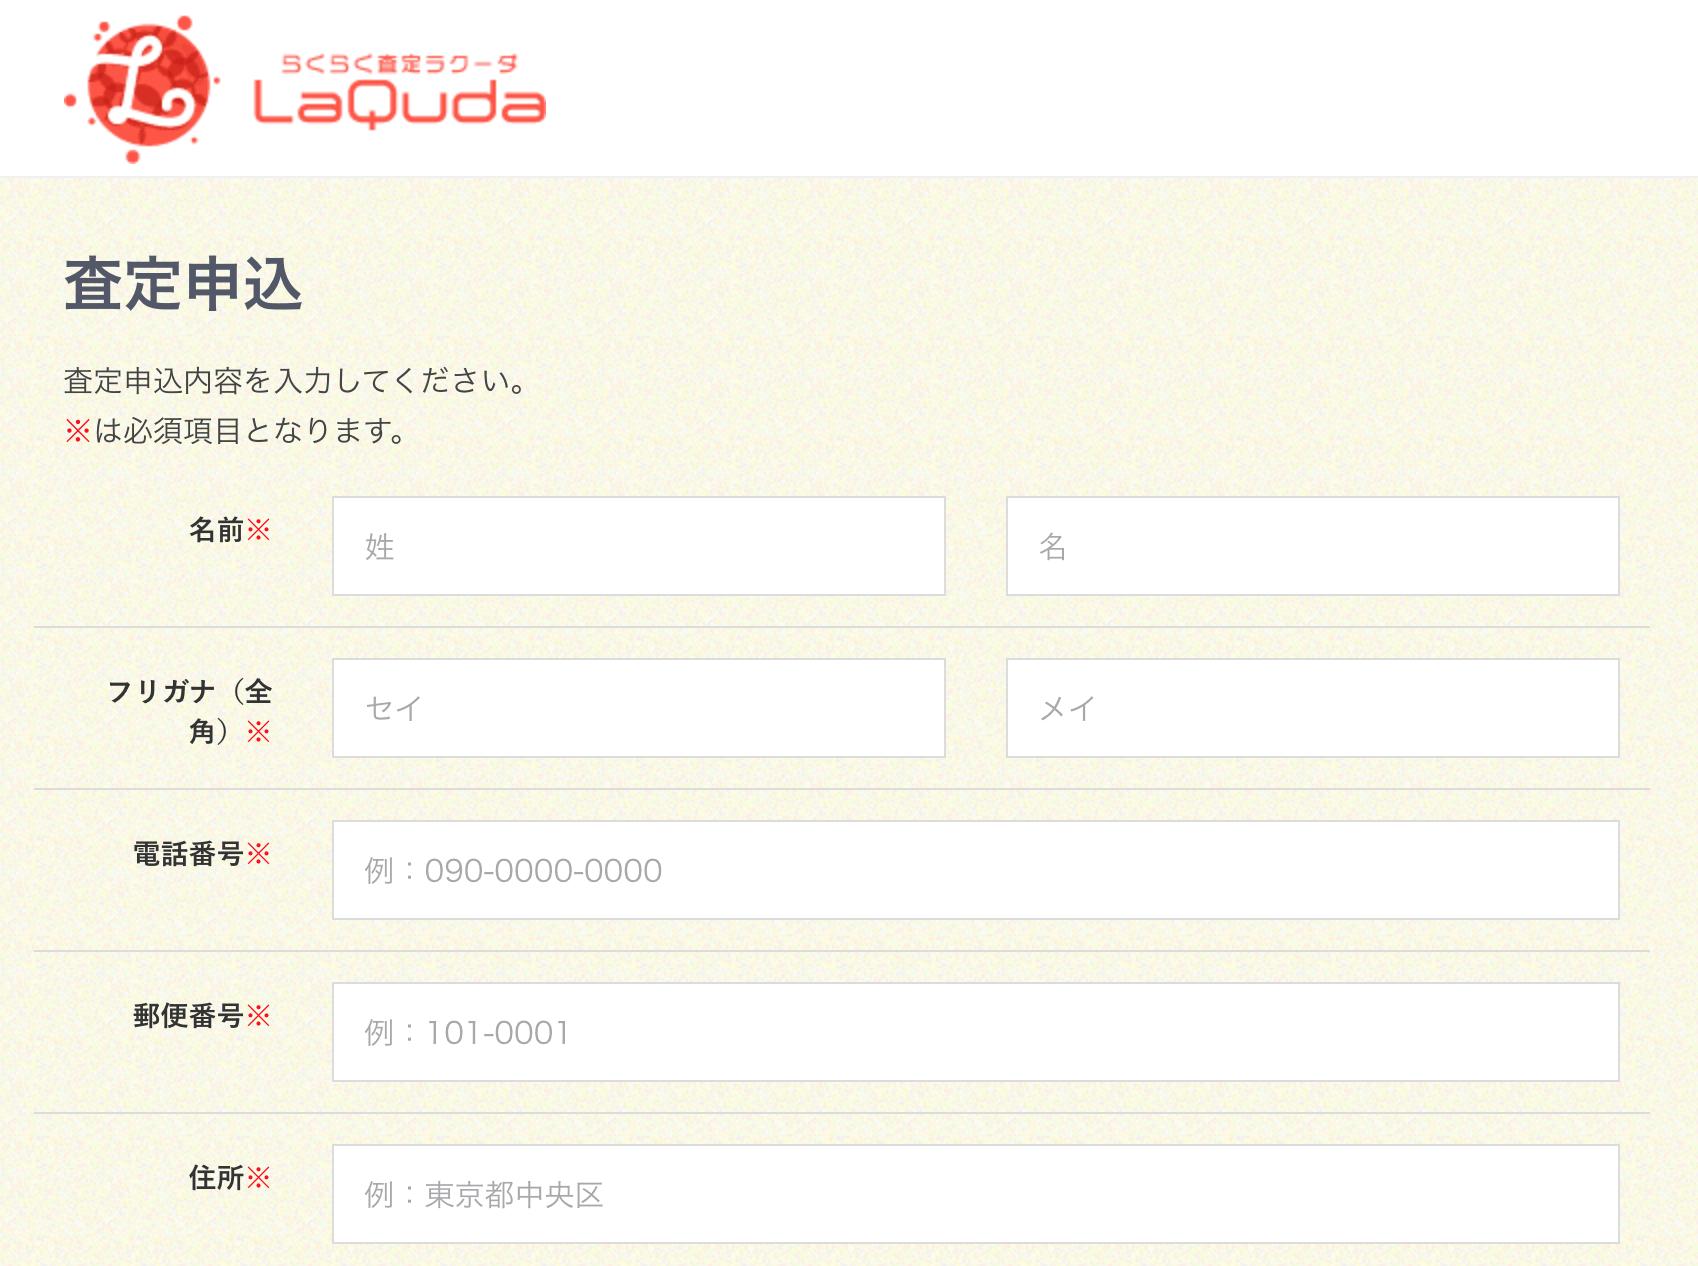 ラクーダの楽々メール申込